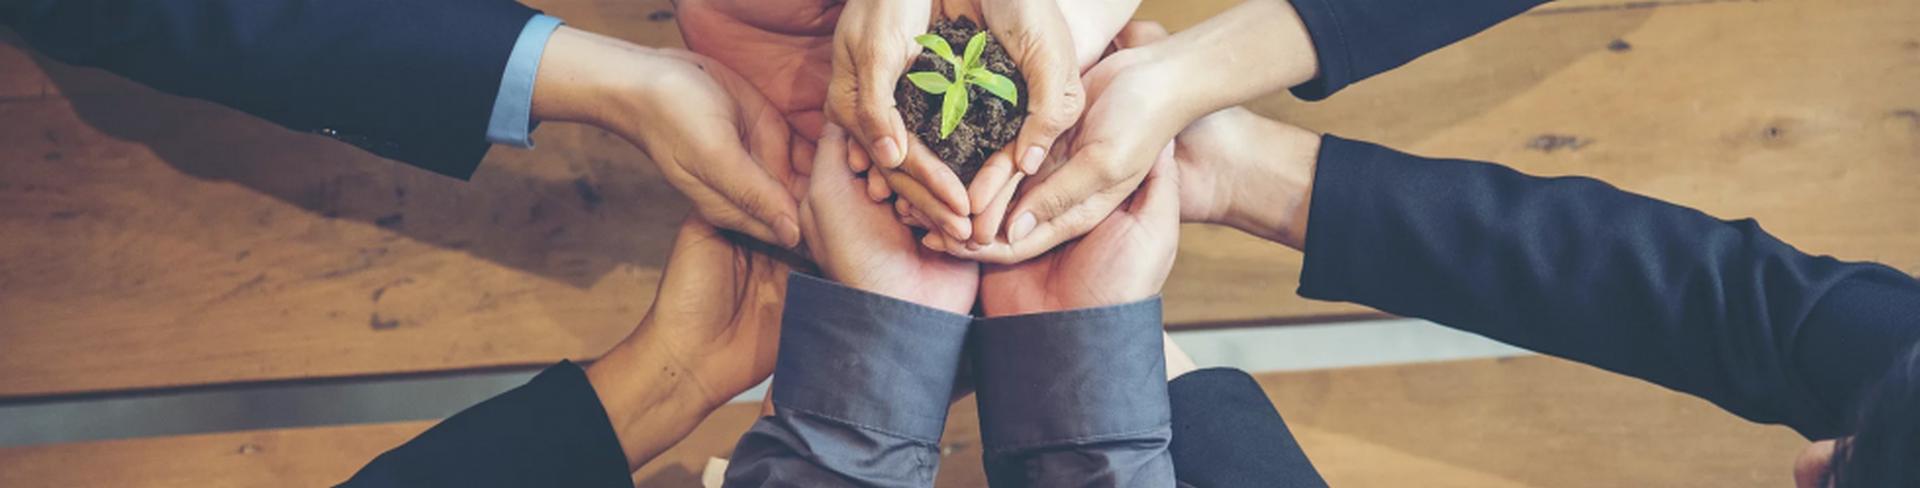 La-qualite-relationnelle-et-l-entreprise-un-duo-gagnant-et-durable